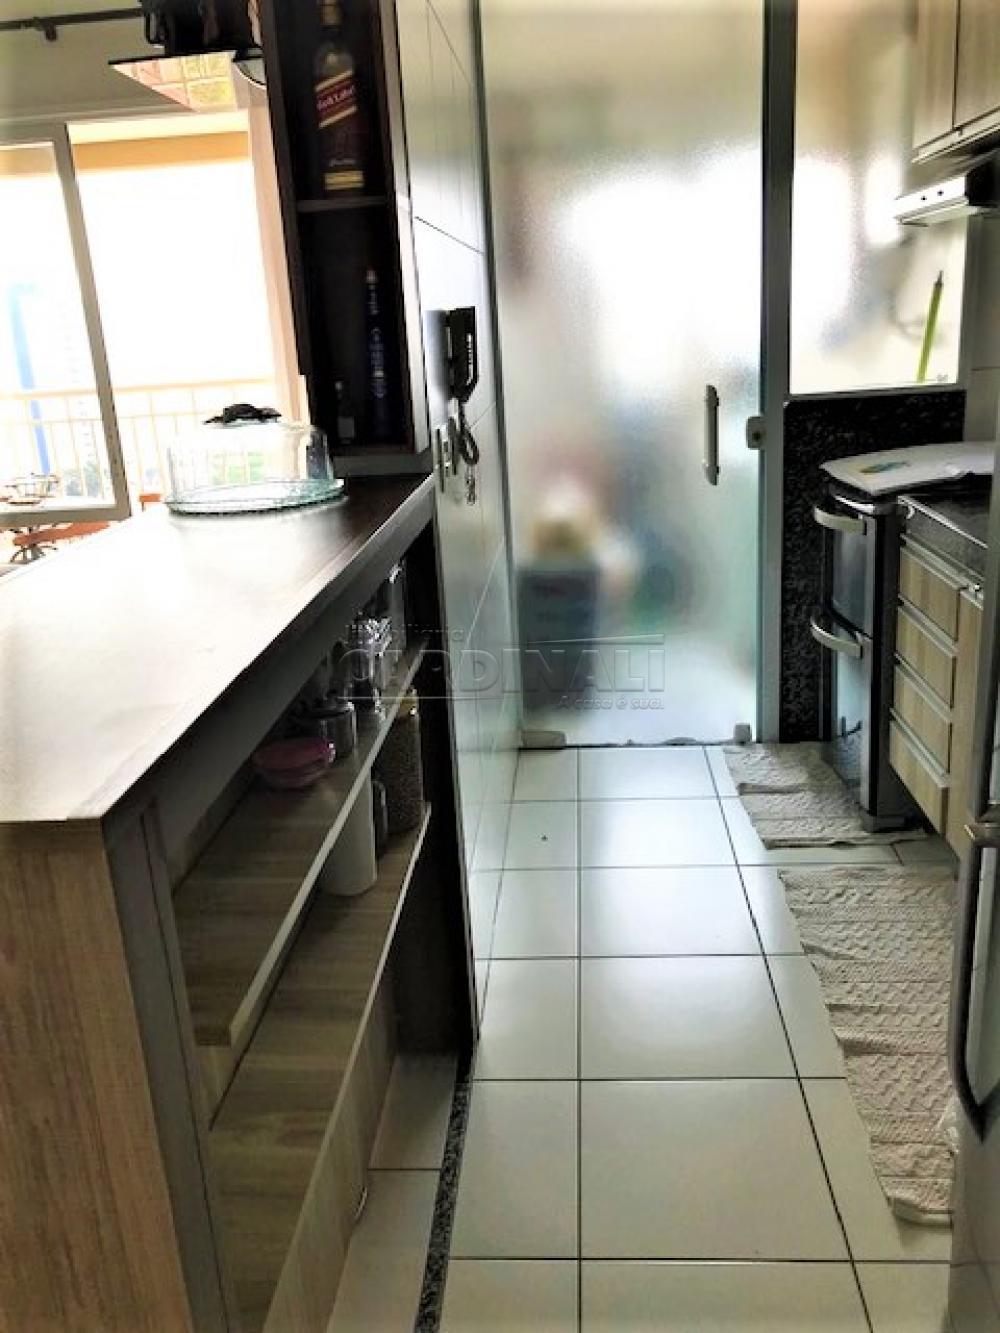 Comprar Apartamento / Padrão em São Carlos R$ 500.000,00 - Foto 23